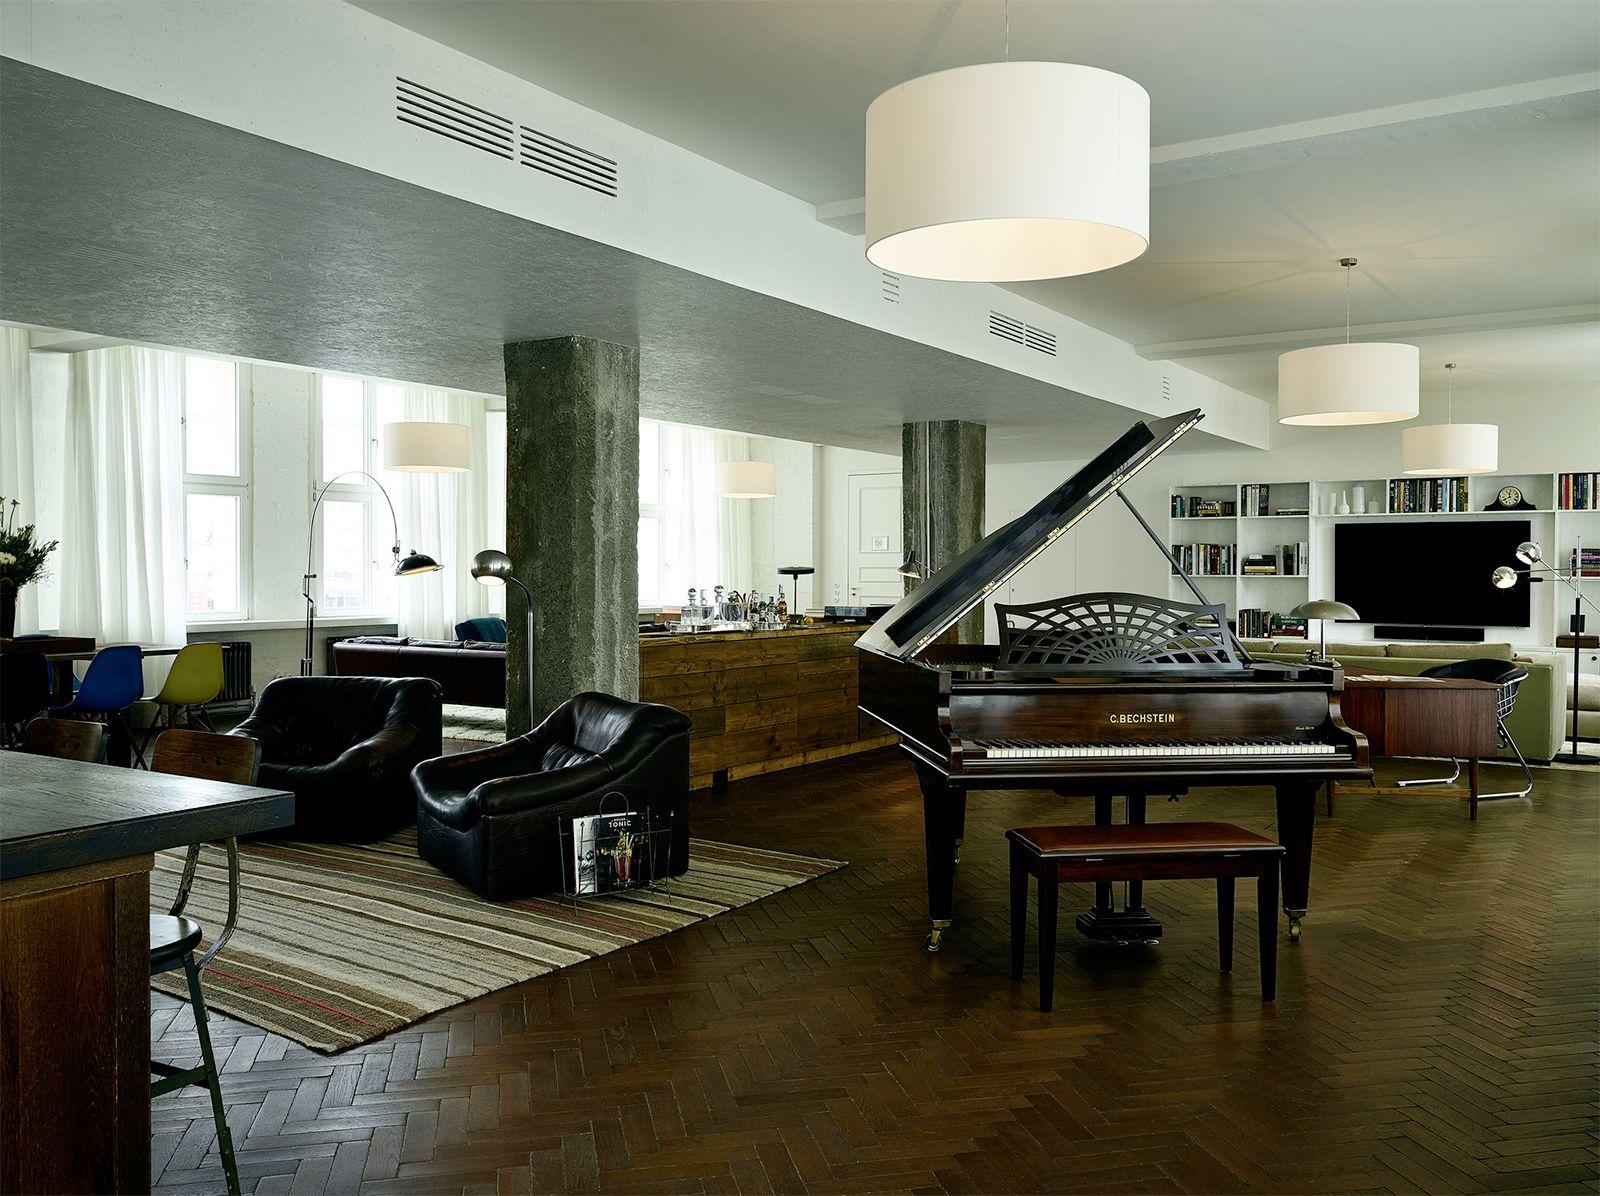 berlin apartments to rent - soho house berlin lofts | casa e